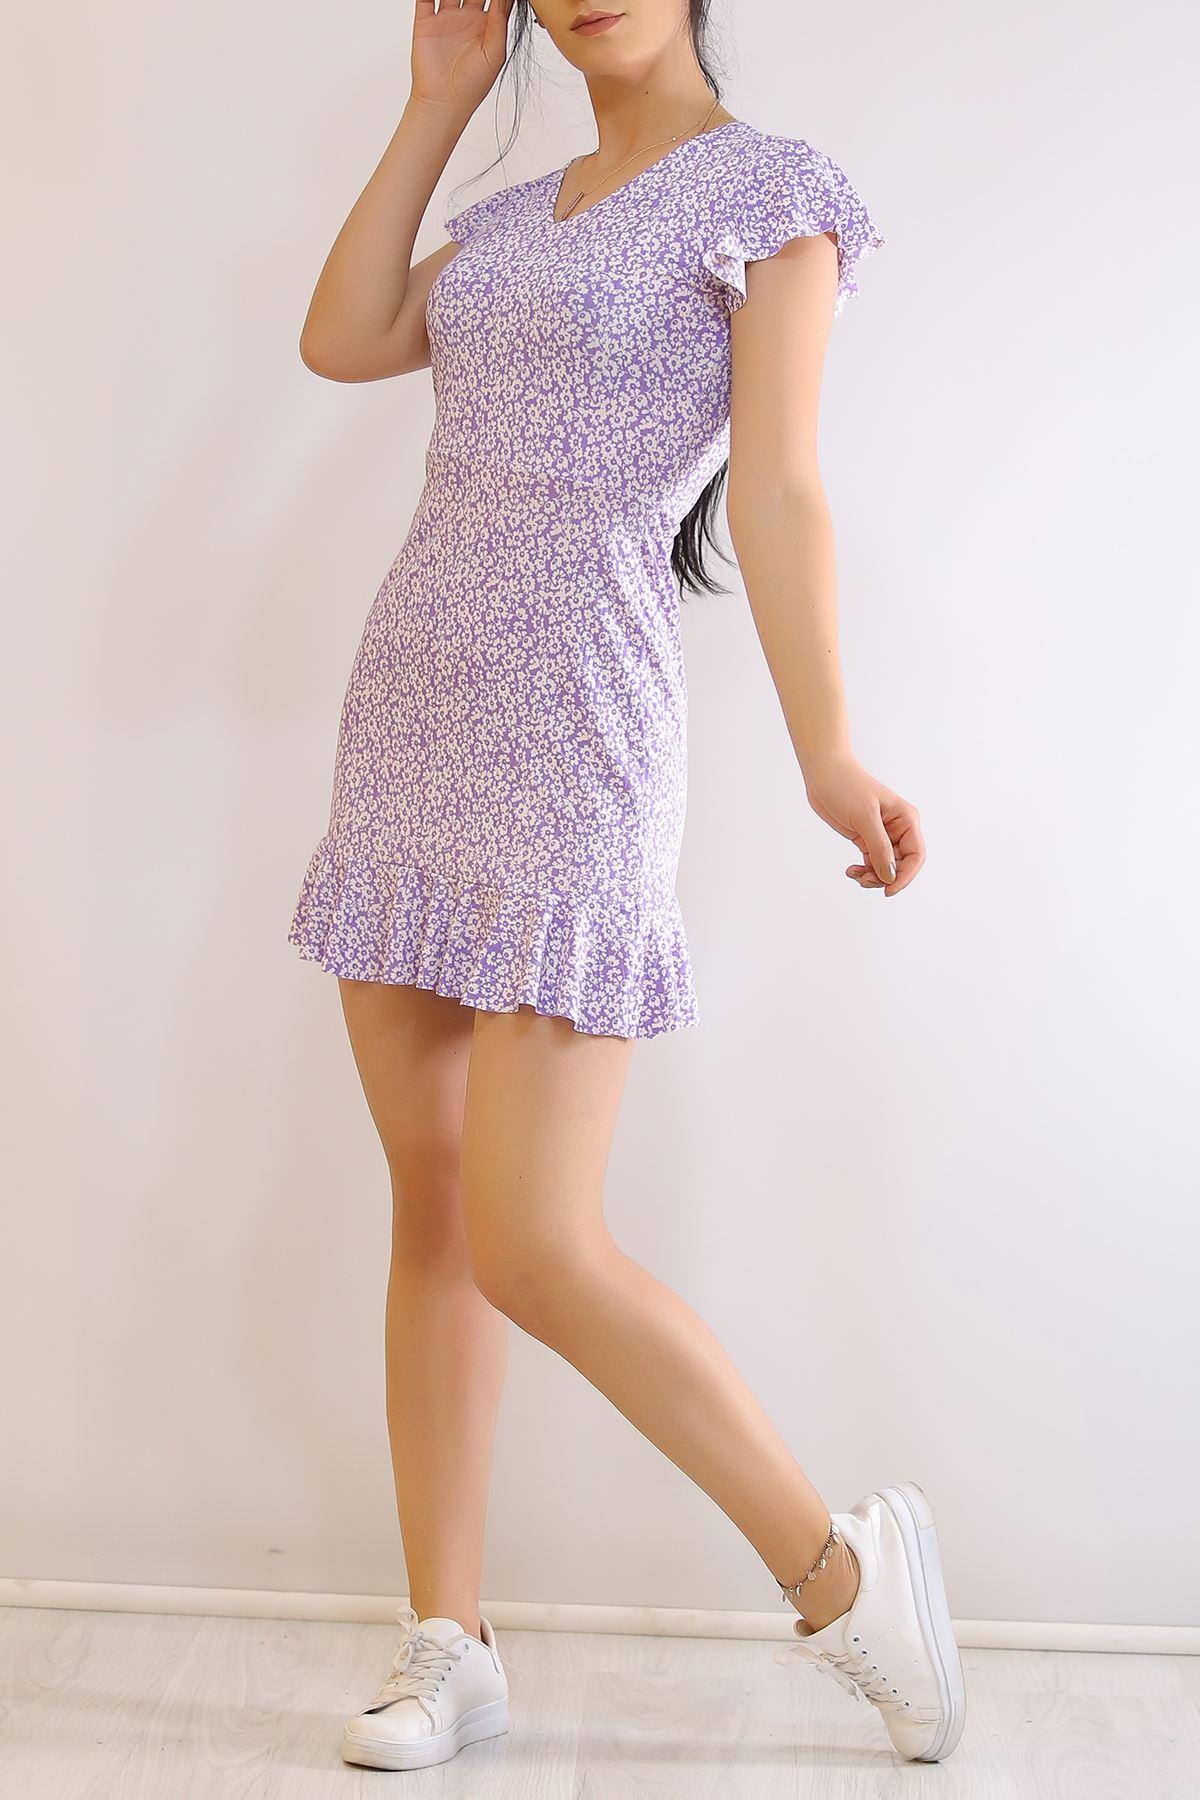 Altı Fırfırlı Elbise Leylak - 2255.555.